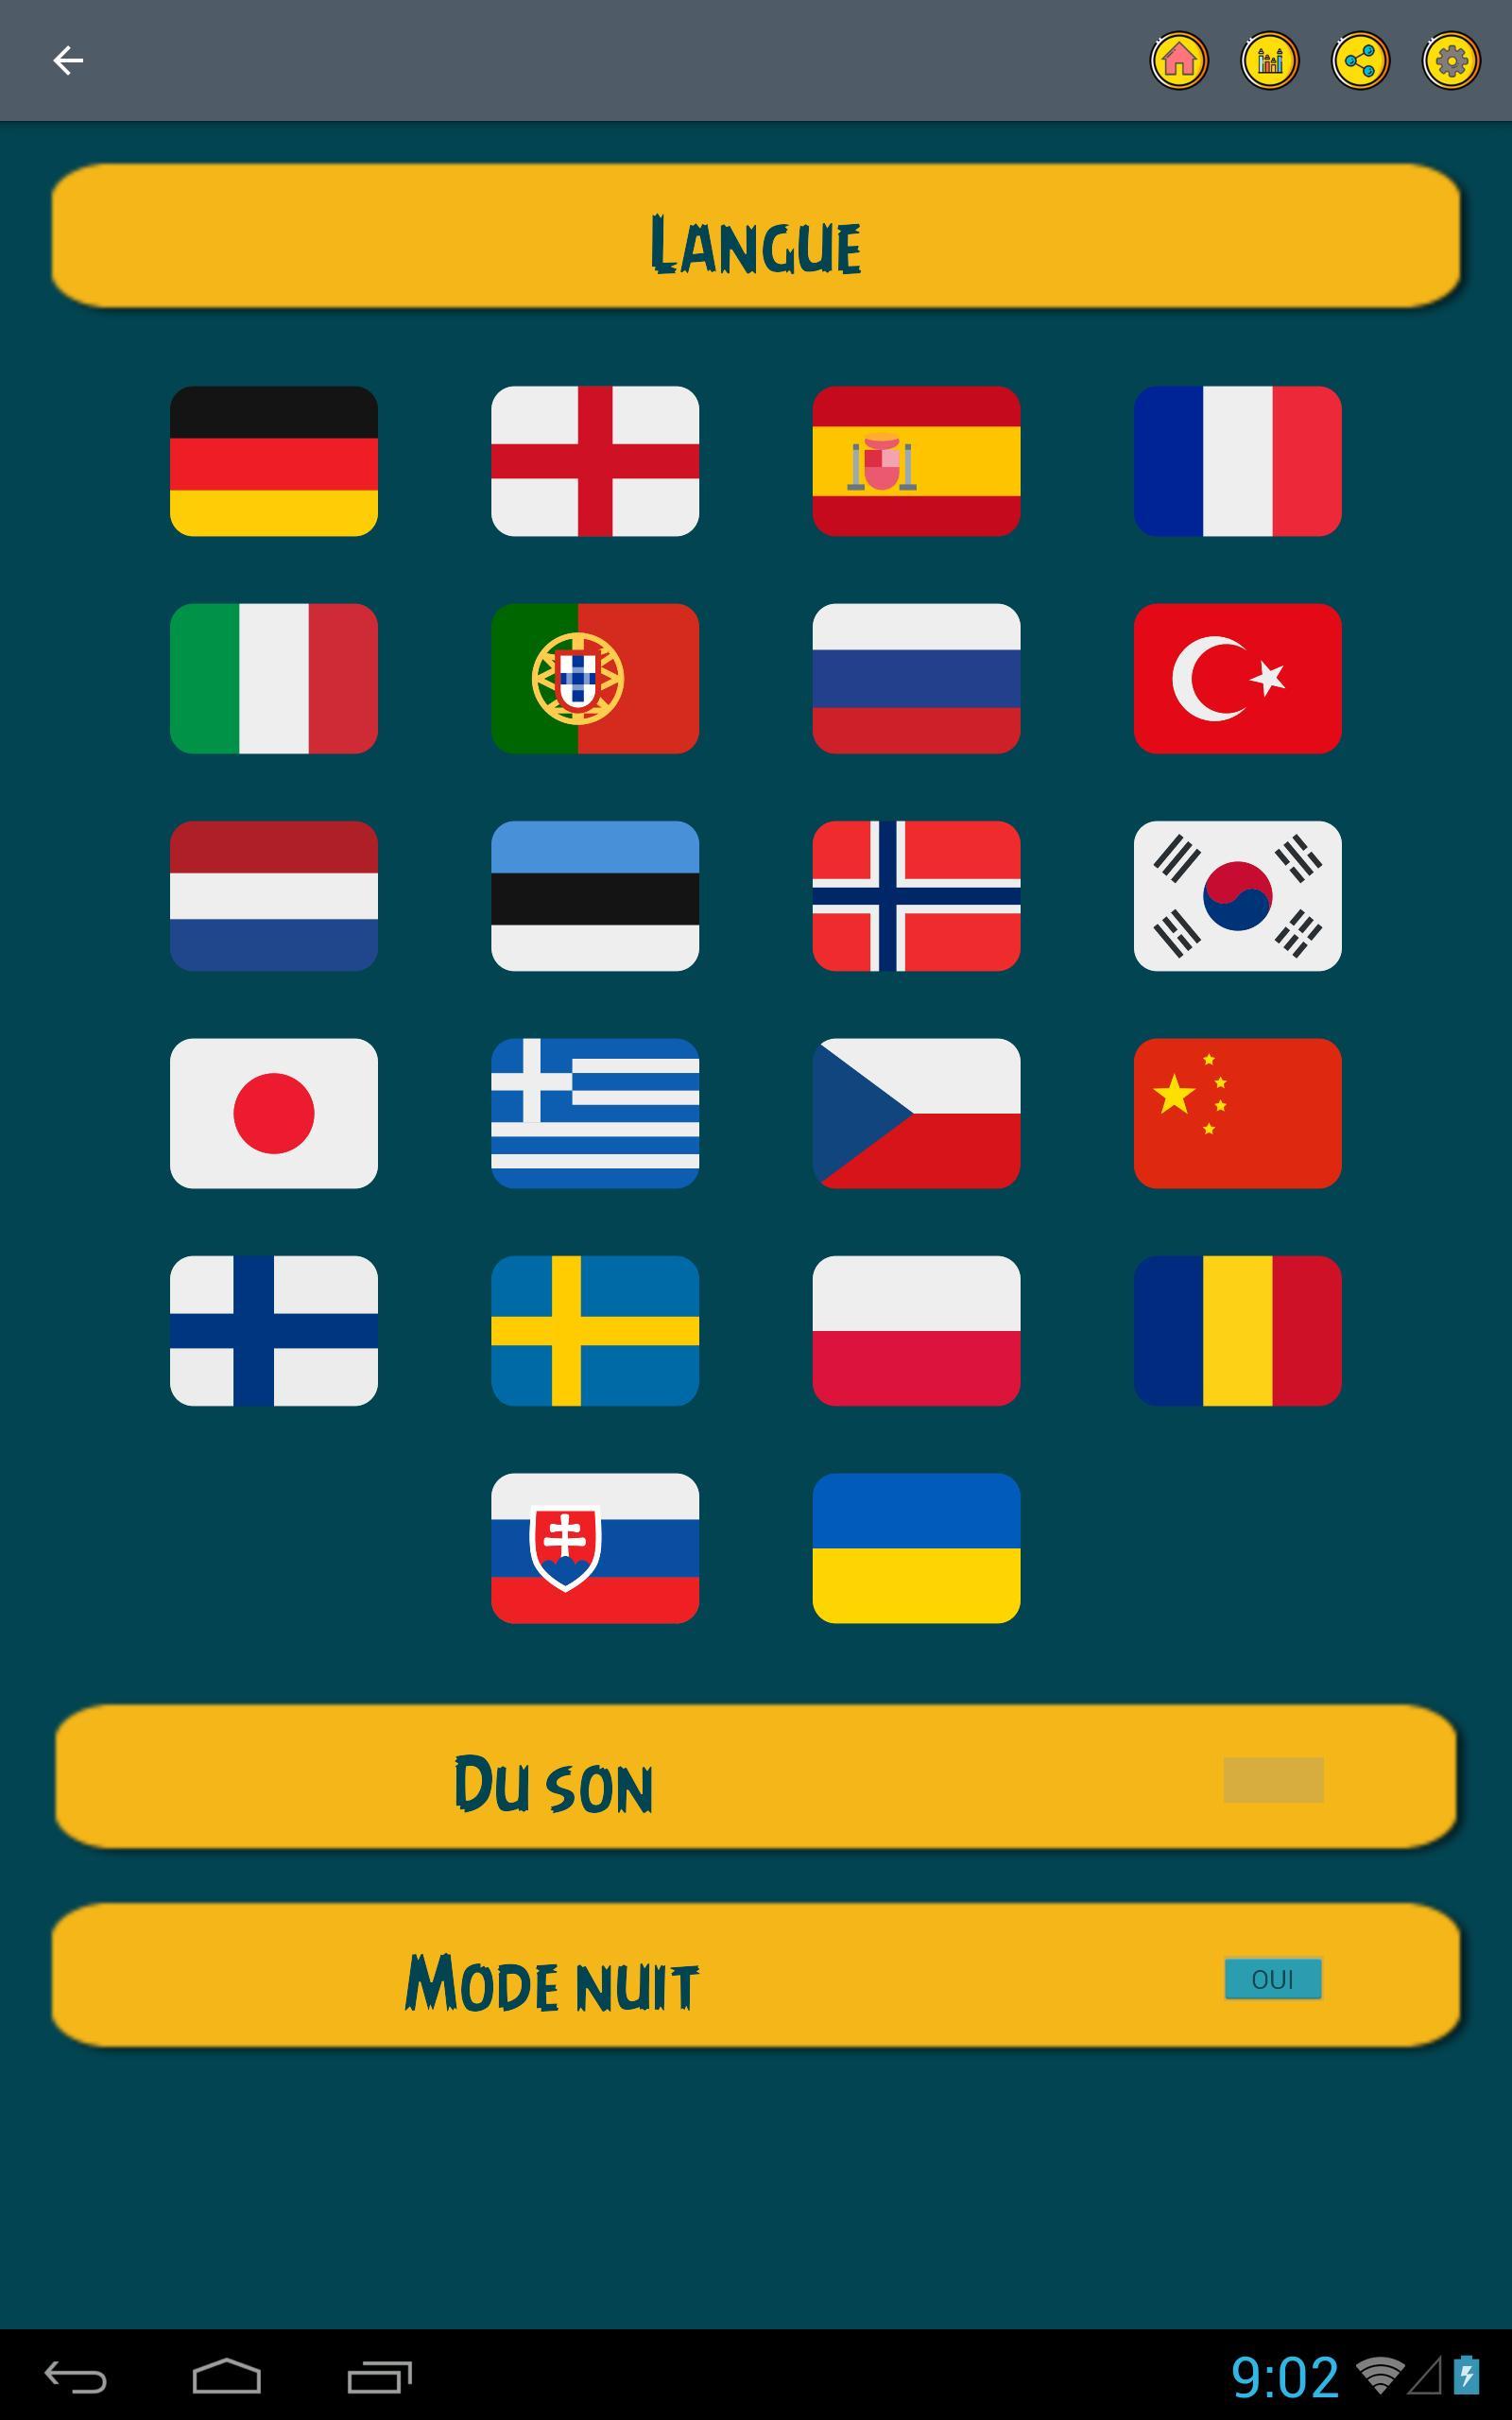 Jeux De Maths - Casse-Tête Pour Android - Téléchargez L'apk pour Jeux De Matematique